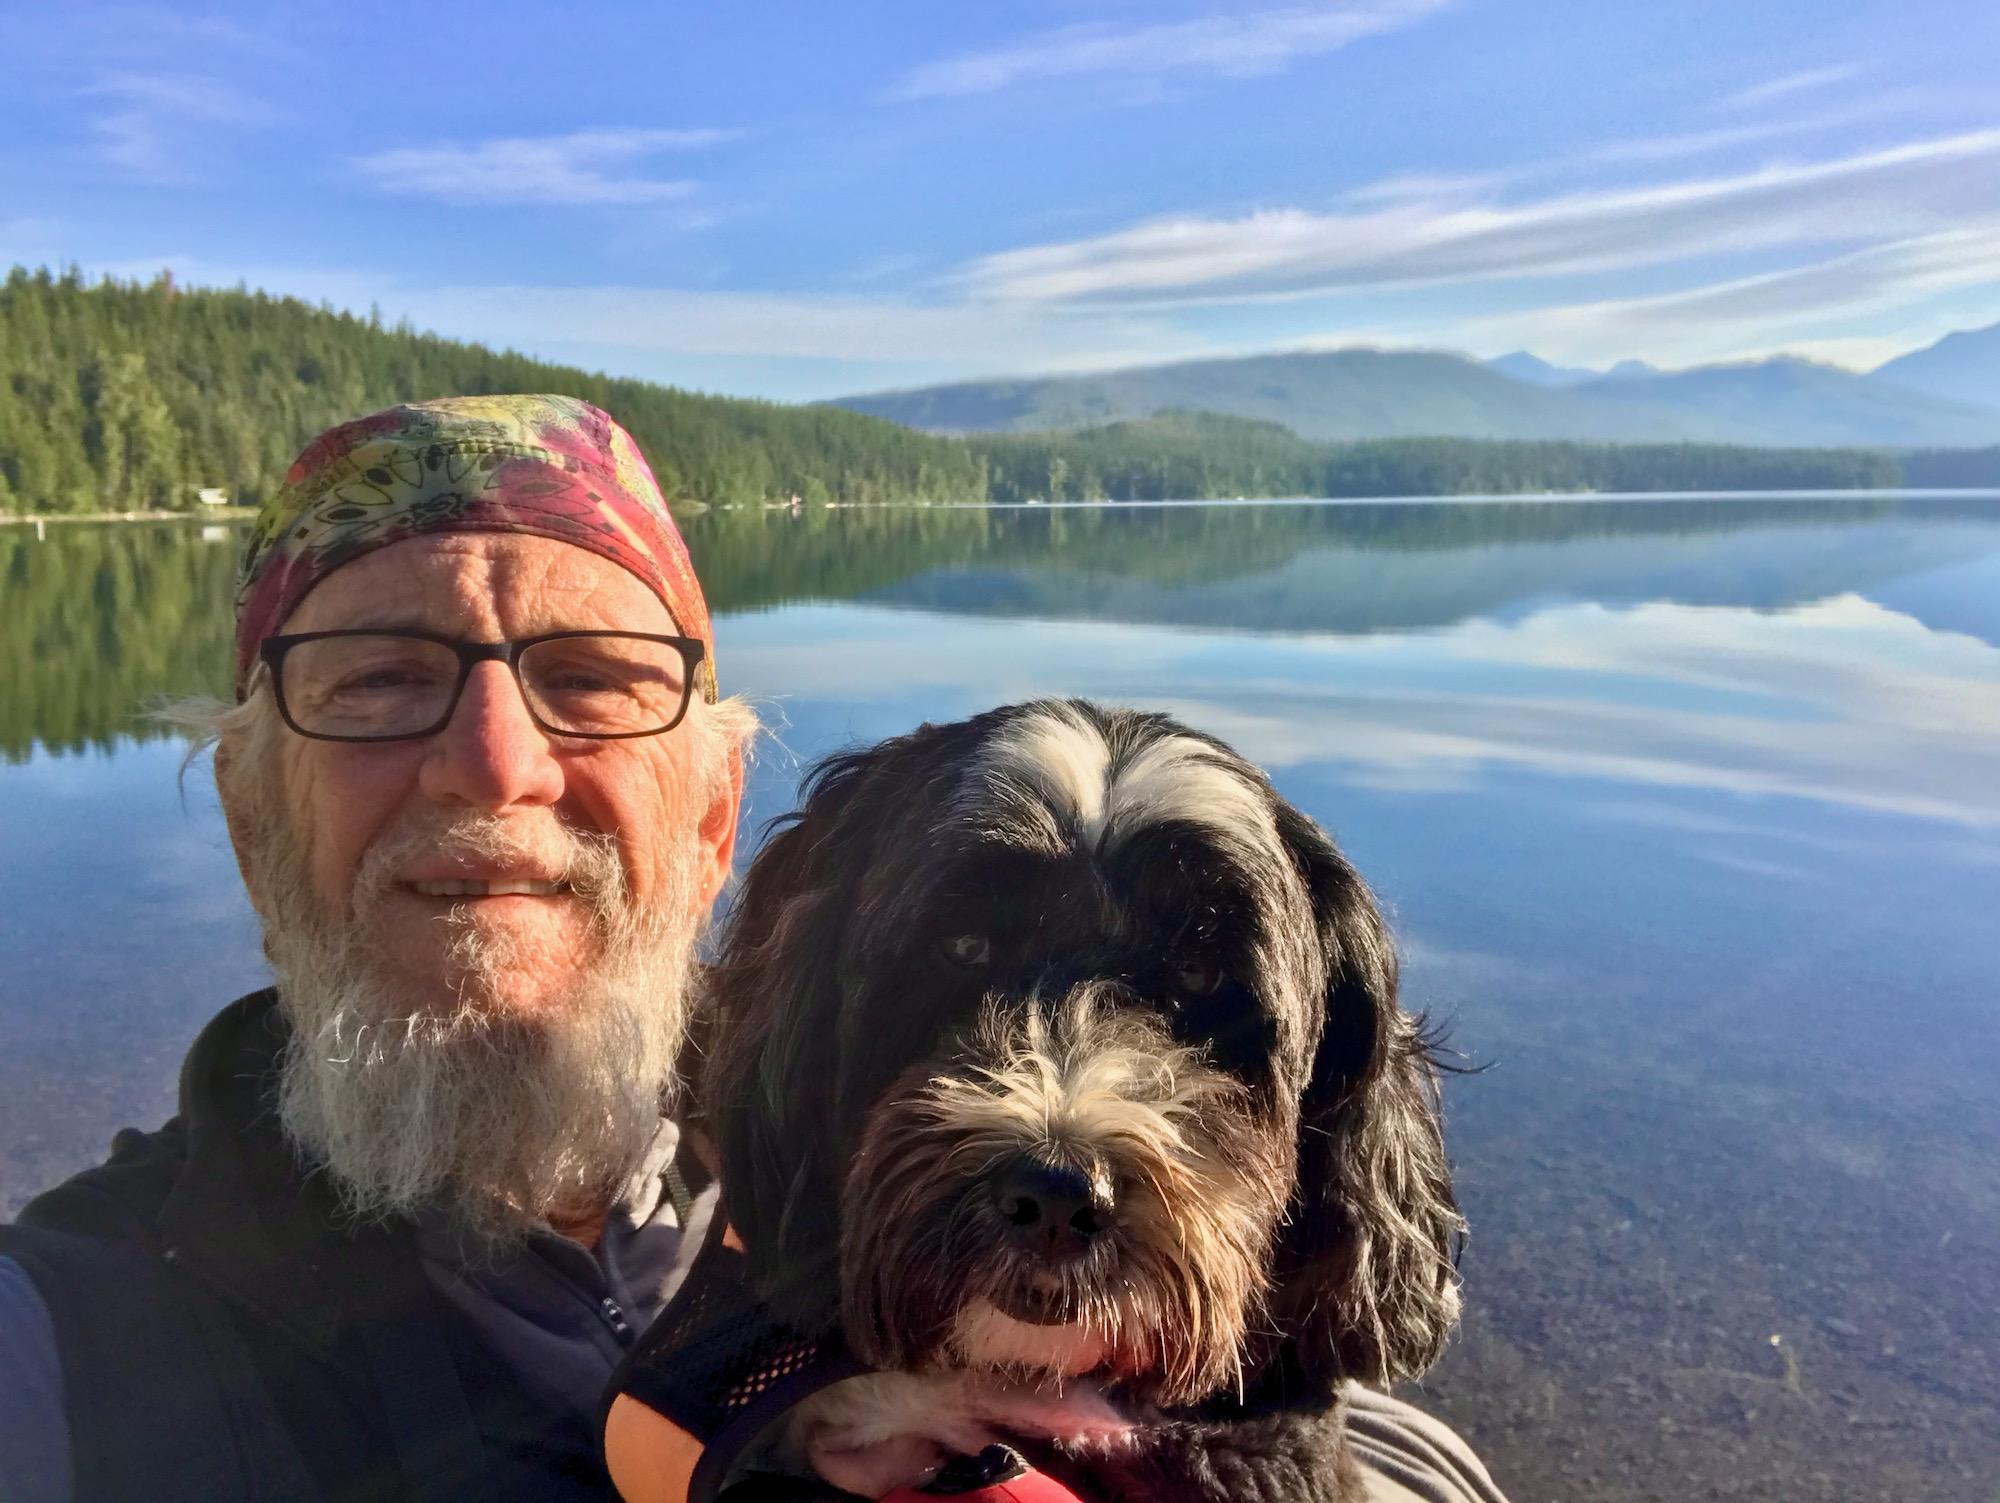 Jake & Eddie at Apgar Village on Lake McDonald